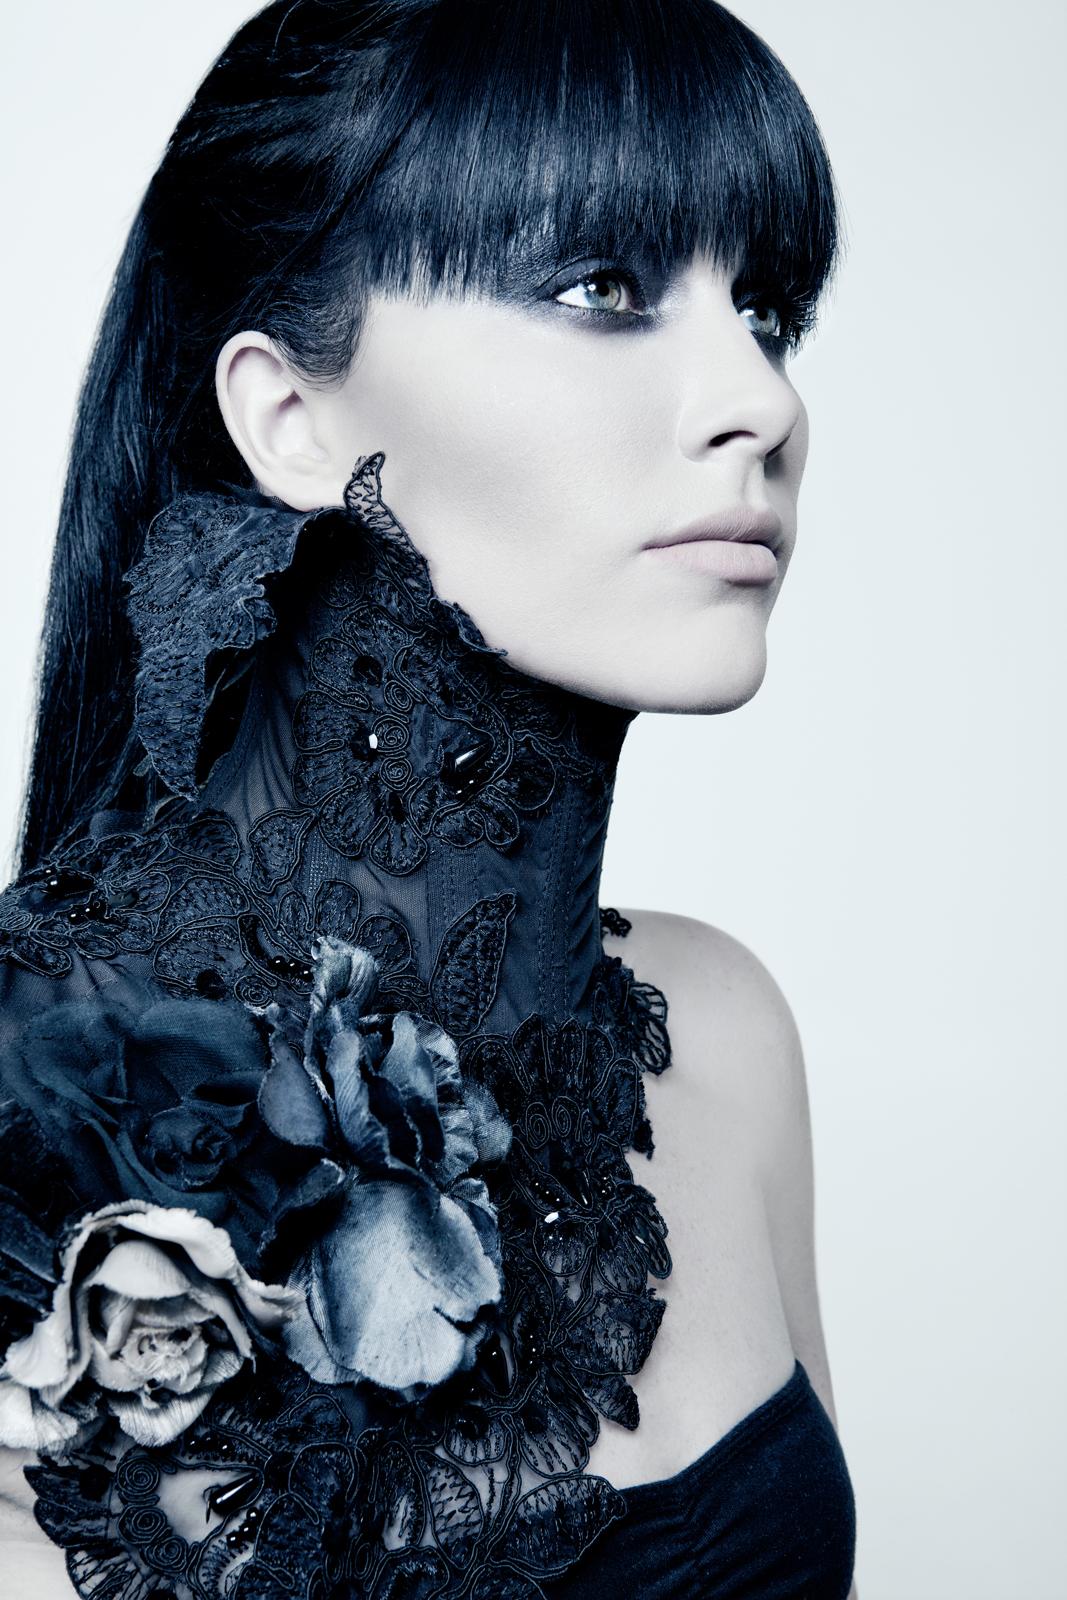 Adrianne Allen images